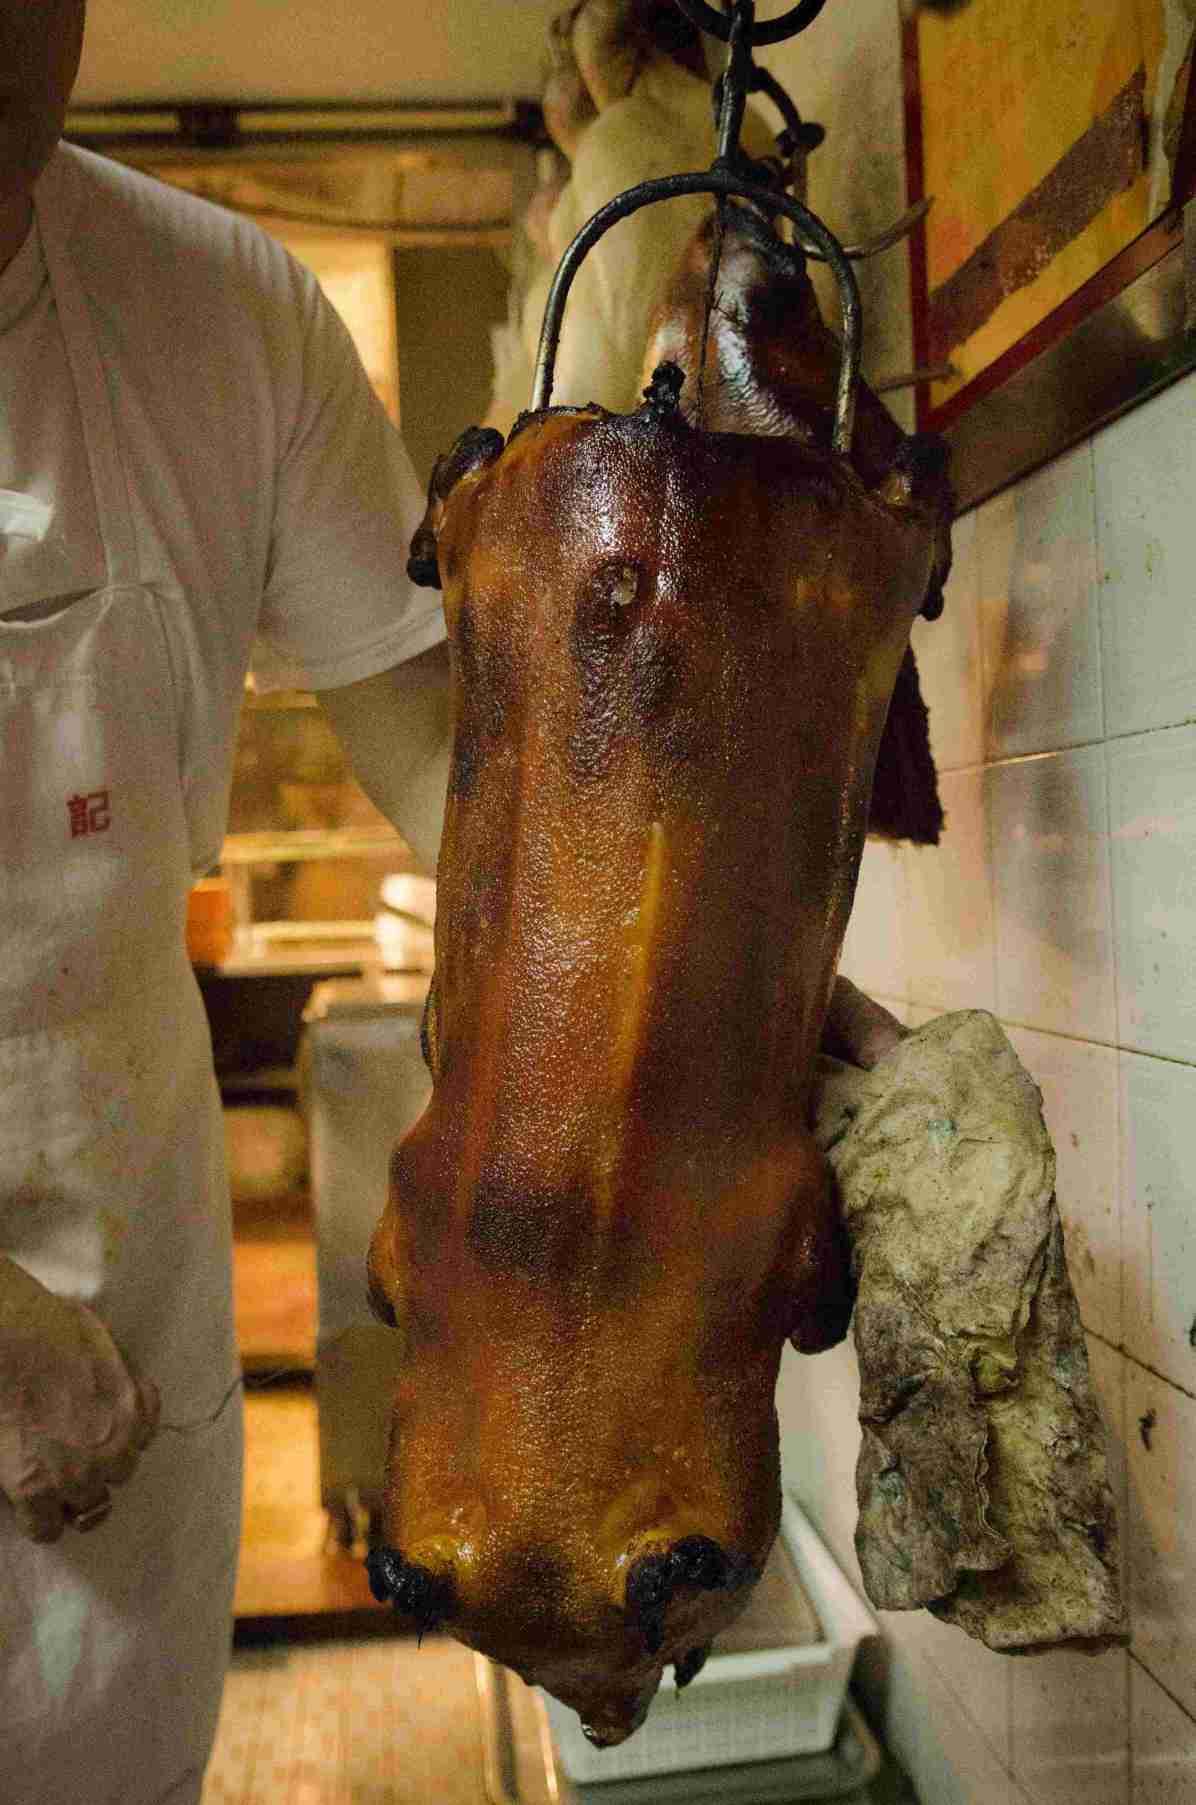 Hong Kong Travel Blog Suckling Pig